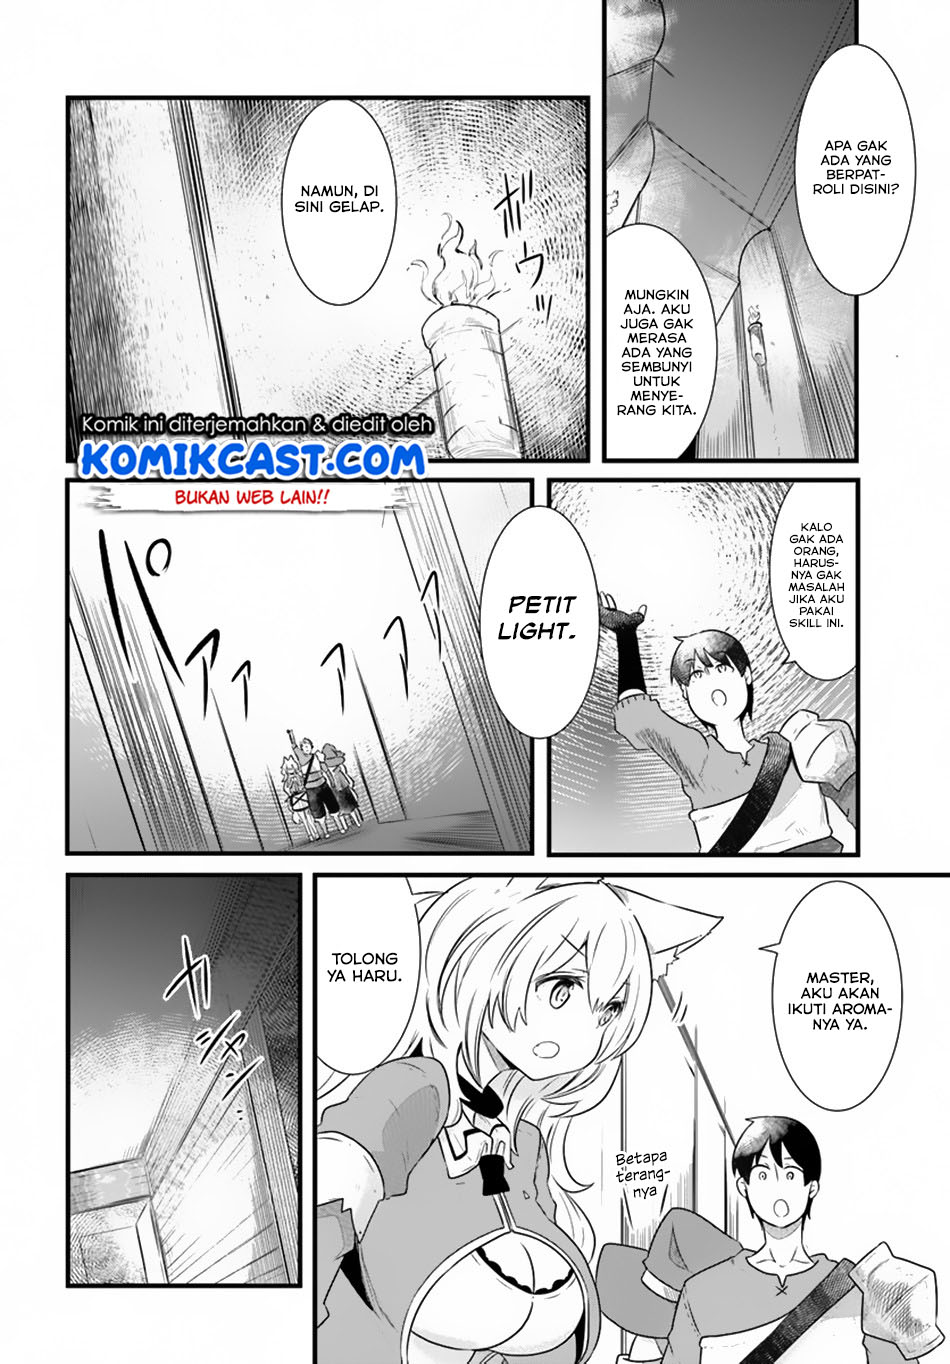 Seichou Cheat de Nandemo Dekiru you ni Natta ga, Mushoku dake wa Yamerarenai you desu: Chapter 24 - Page 9